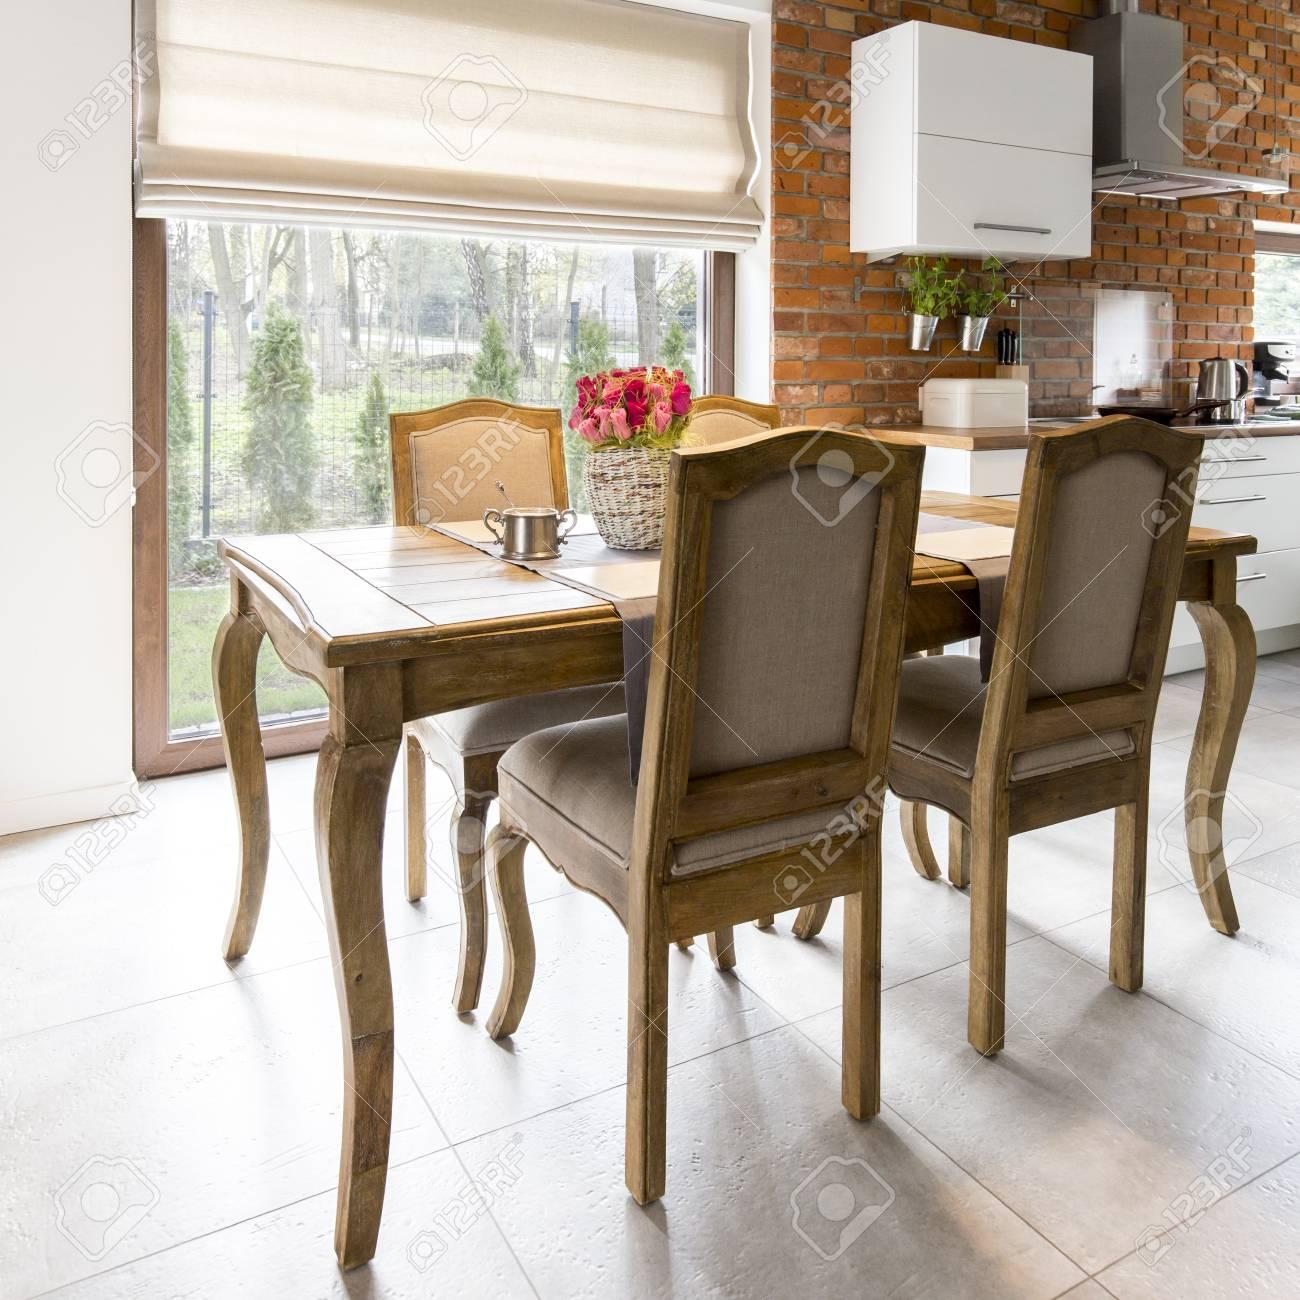 Chaises Modernes Pour Table Ancienne | champagneandbeyond1.com